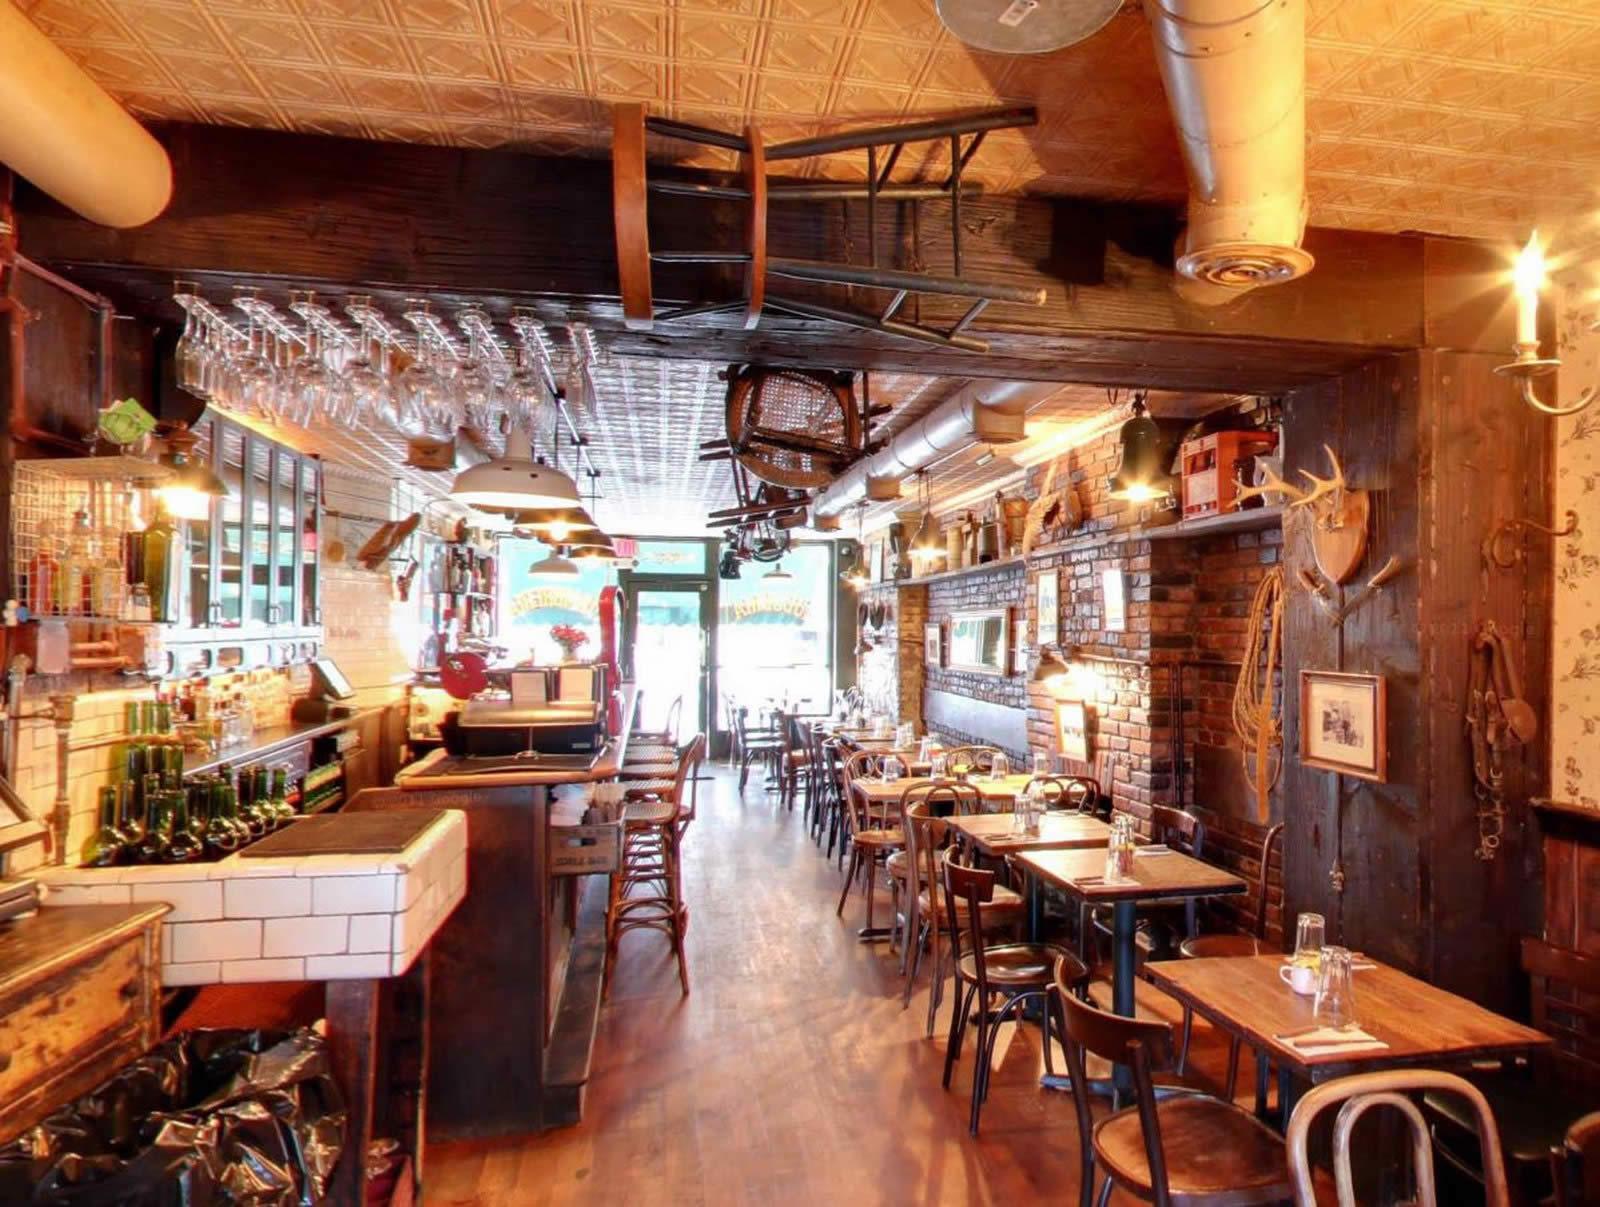 el-almacen-restaurant-branche-ambiance-argentine-williamsburg-brooklyn